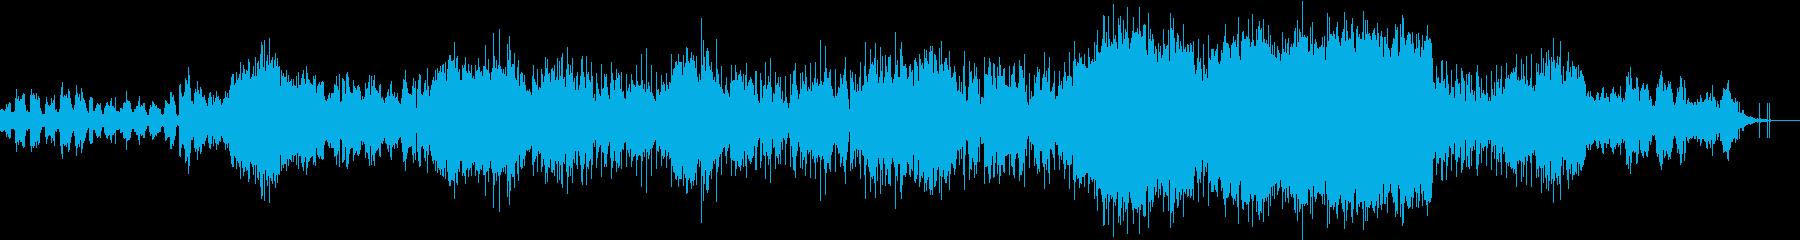 幻想的で不思議な感覚のエレクトロニカの再生済みの波形